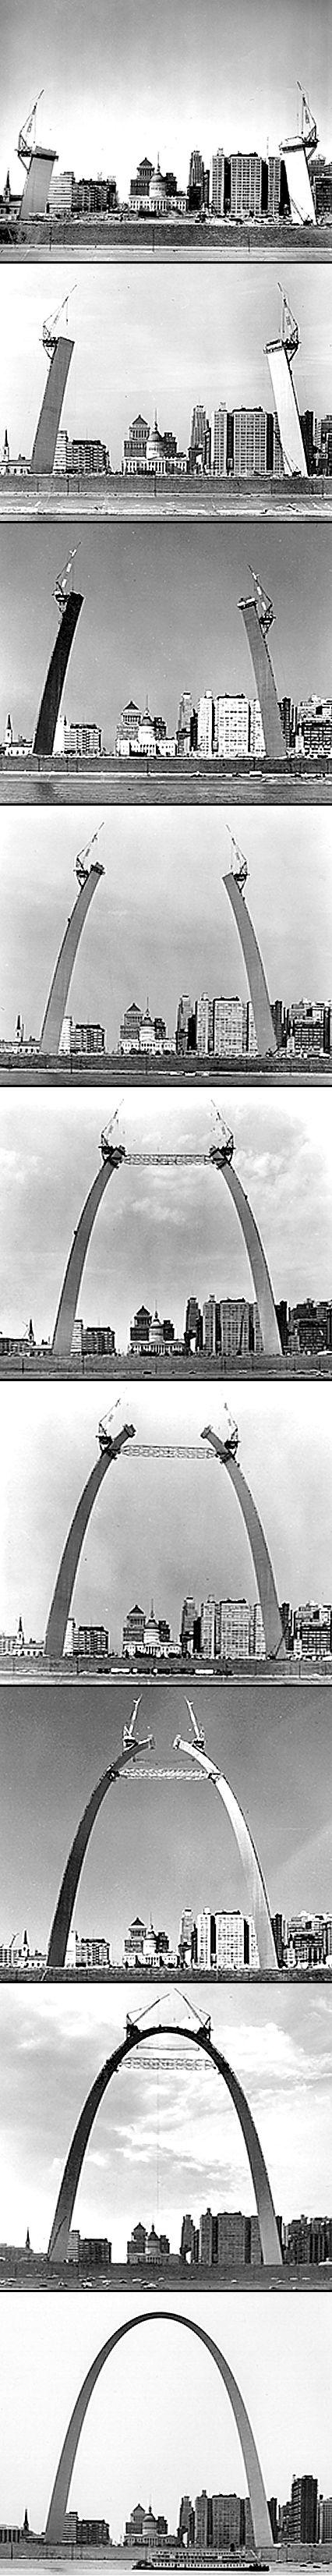 Construction of the St. Louis Gateway Arch. El Arco Gateway, o la Puerta hacia el Oeste, es la parte más importante del Monumento a la Expansión Nacional de Jefferson en San Luis, Misuri. Se construyó como un monumento conmemorativo de la expansión hacia el oeste de los Estados Unidos.